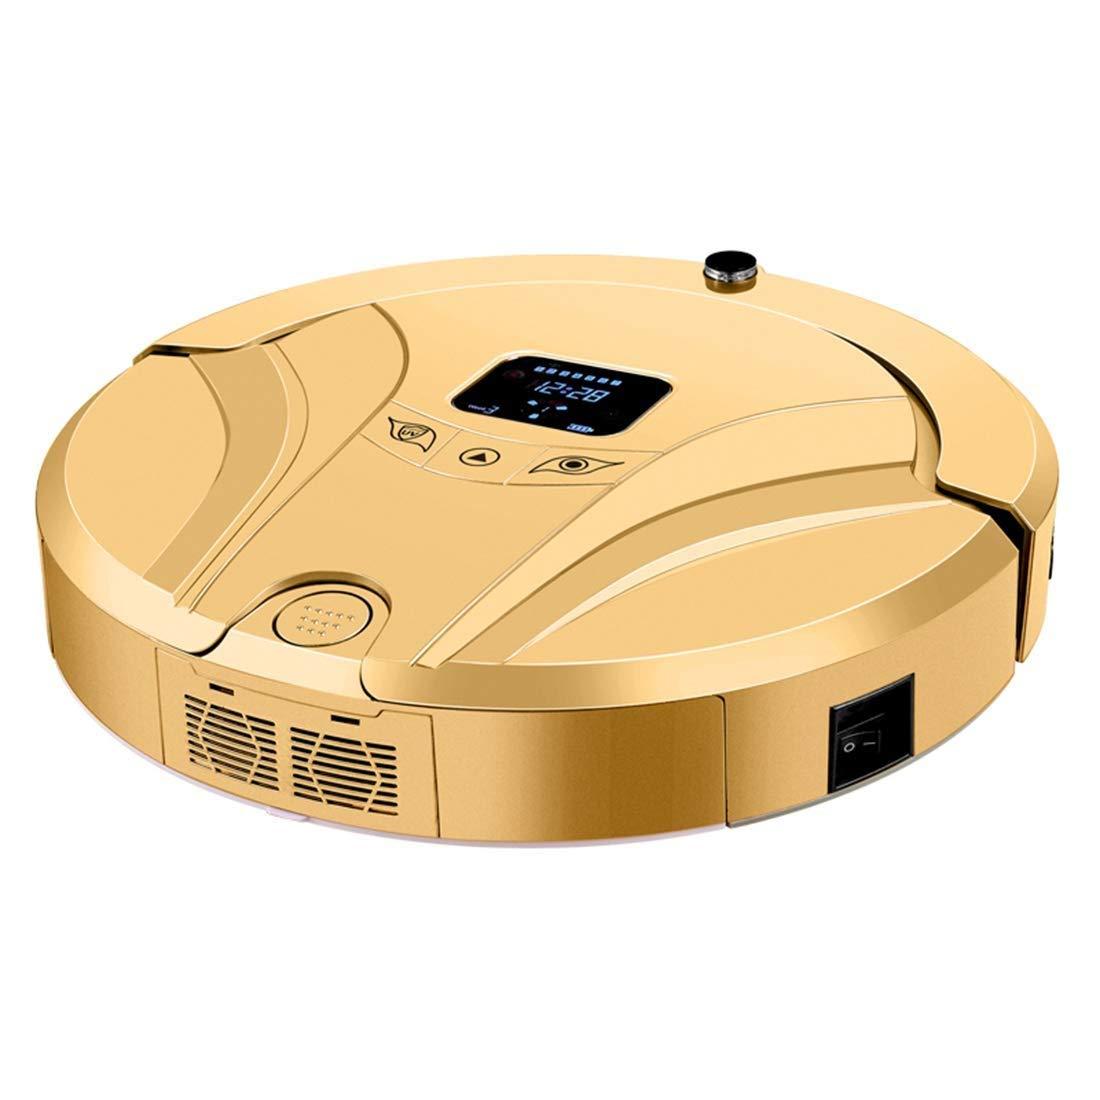 コードレスクリーナー ロボット掃除機、超薄型、1200Pa強力吸引、静かな、自己充電式のロボット掃除機、中層のカーペットに固い床を掃除する フロア掃除機 (色 : ゴールド) B07S48N89F ゴールド